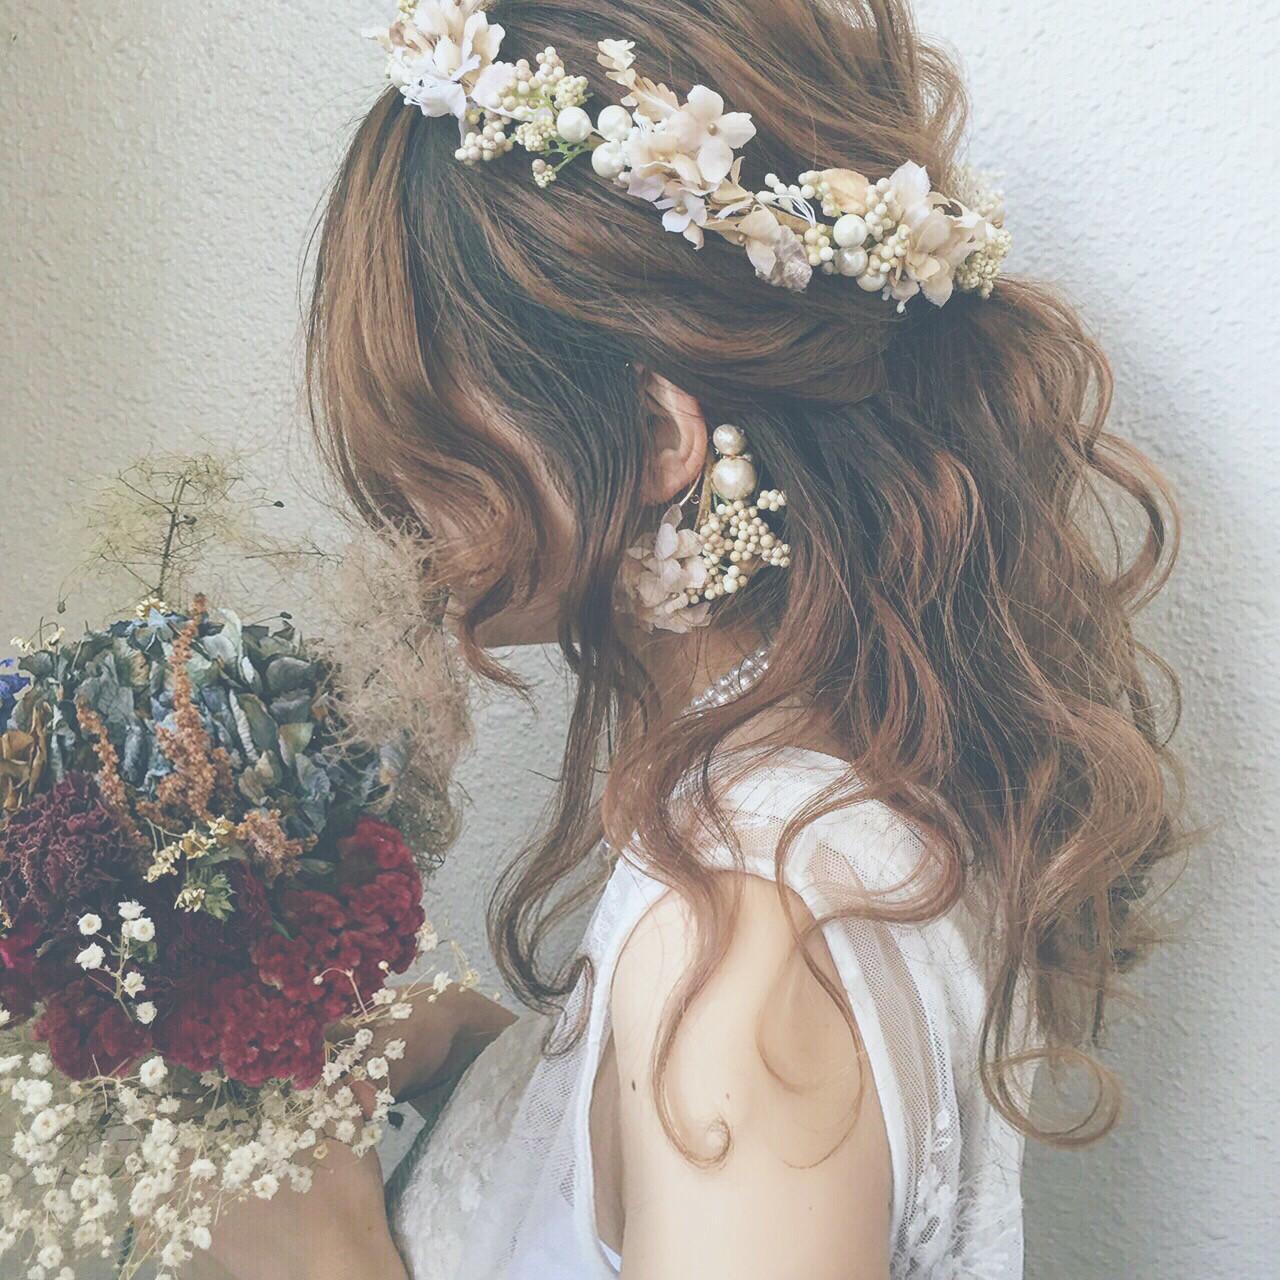 ウエディングドレス向けヘアスタイル♡人生で1番美しい私になれる髪型10選 カワノ ヨウヘイ